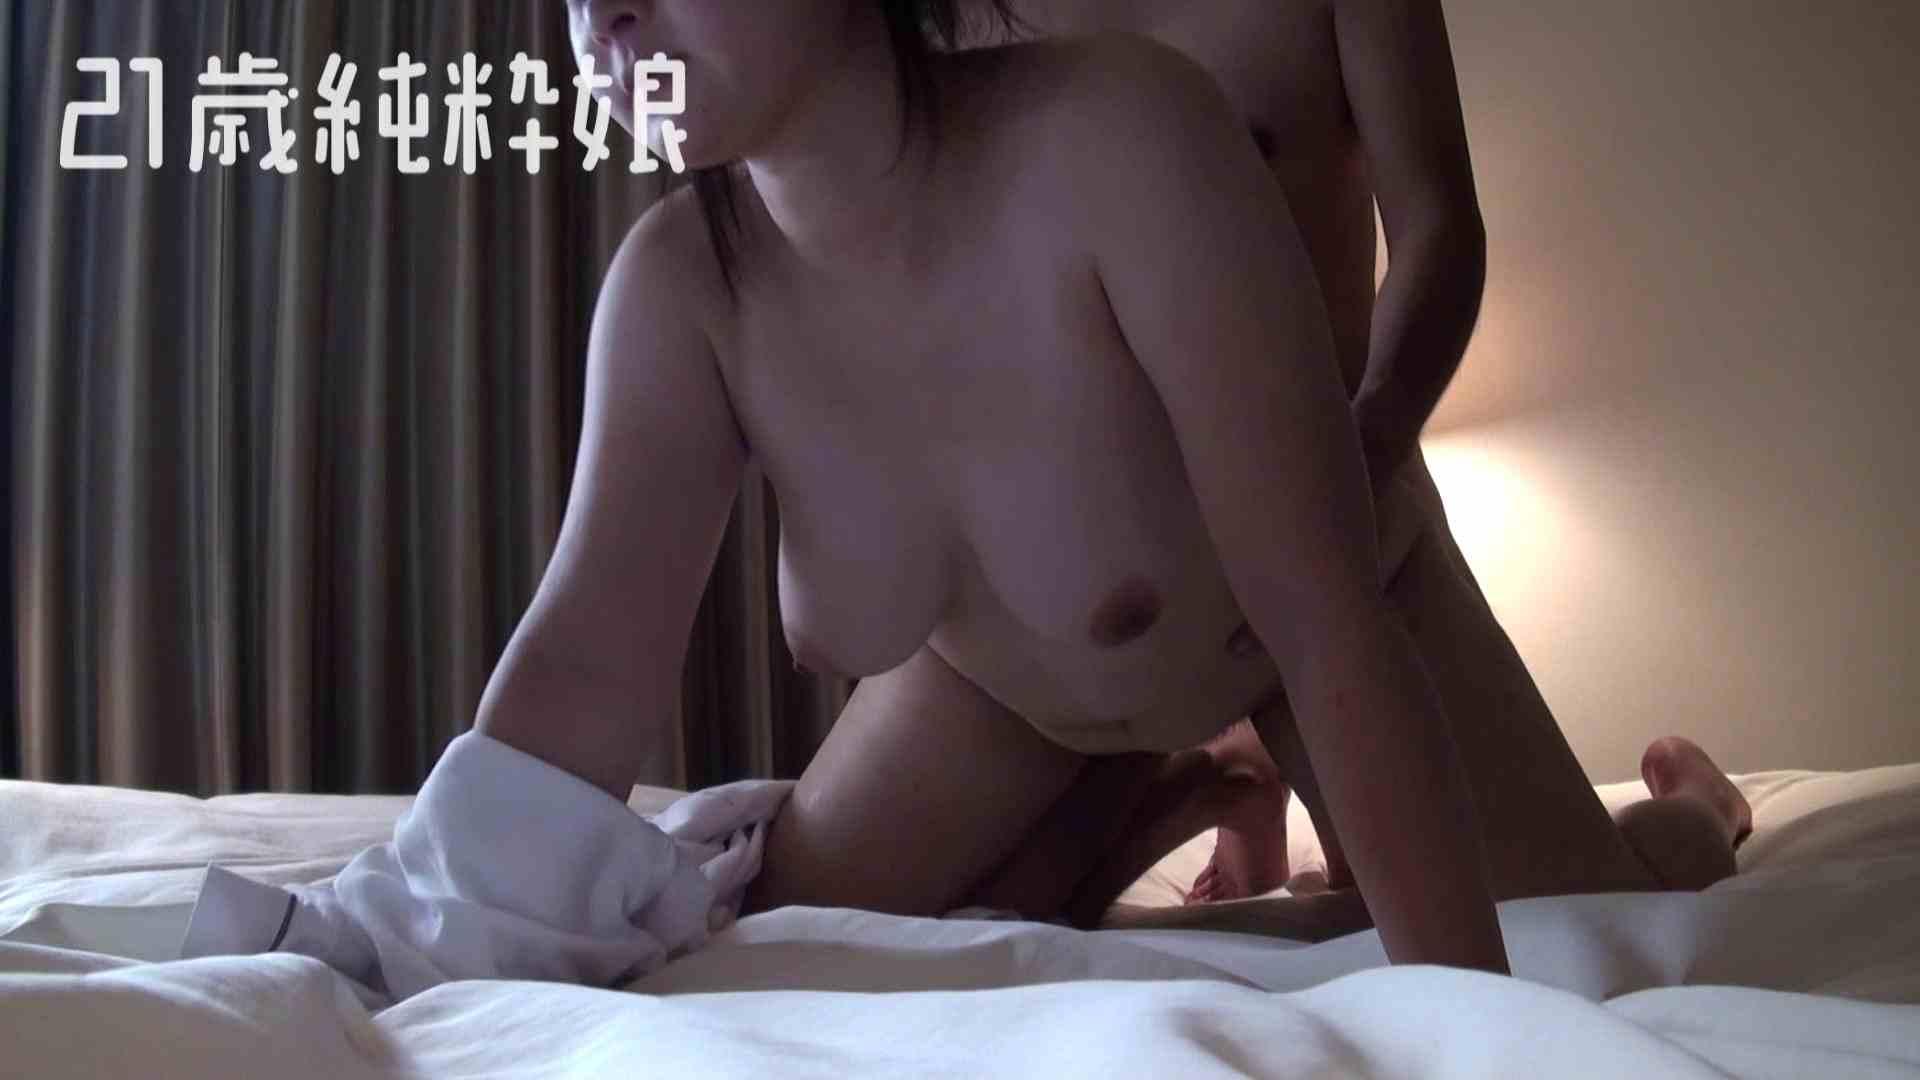 上京したばかりのGカップ21歳純粋嬢を都合の良い女にしてみた2 オナニー集 盗撮動画紹介 70pic 67